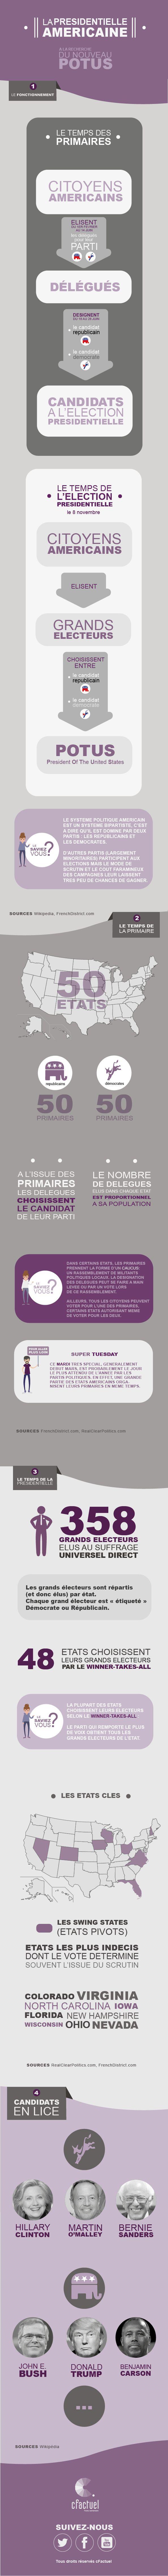 Infographie - La présidentielle américaine : Comment fonctionne l'élection présidentielle aux USA ? En savoir plus sur cFactuel : http://www.cfactuel.fr